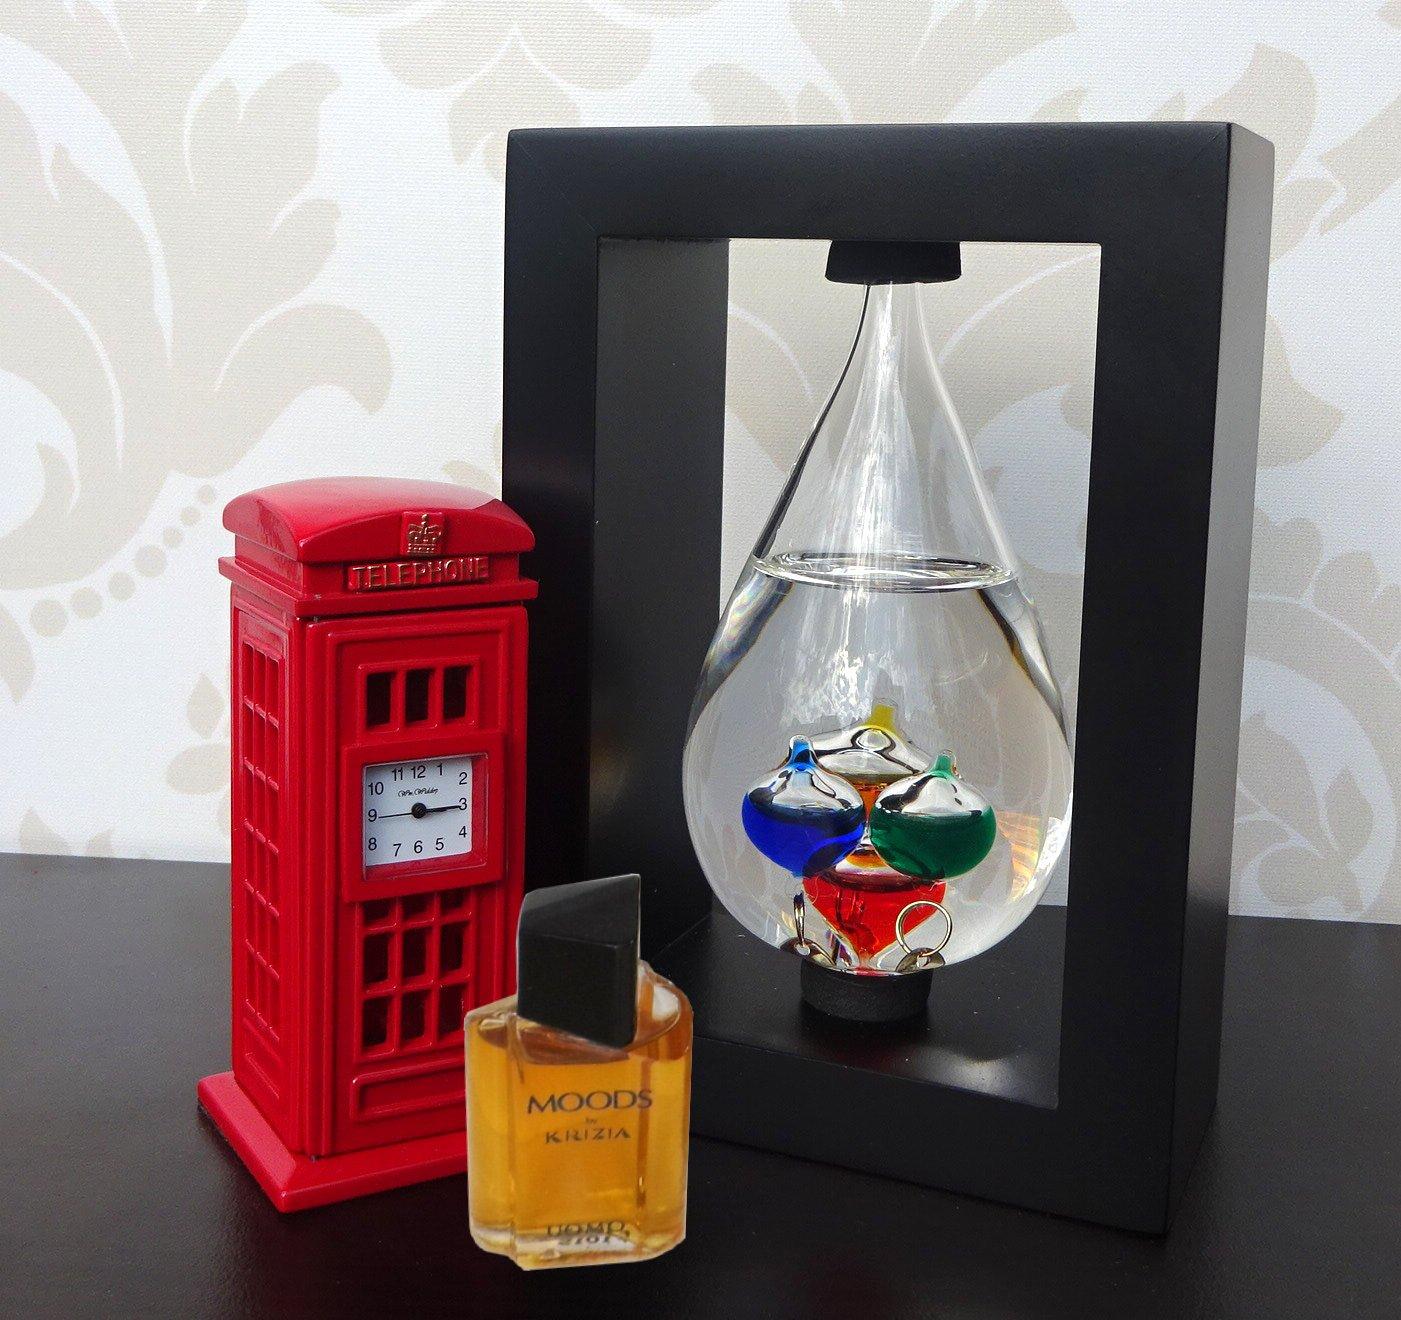 Termometru Galileo Galilei ceas cabina telefonica parfum miniatura Krizia